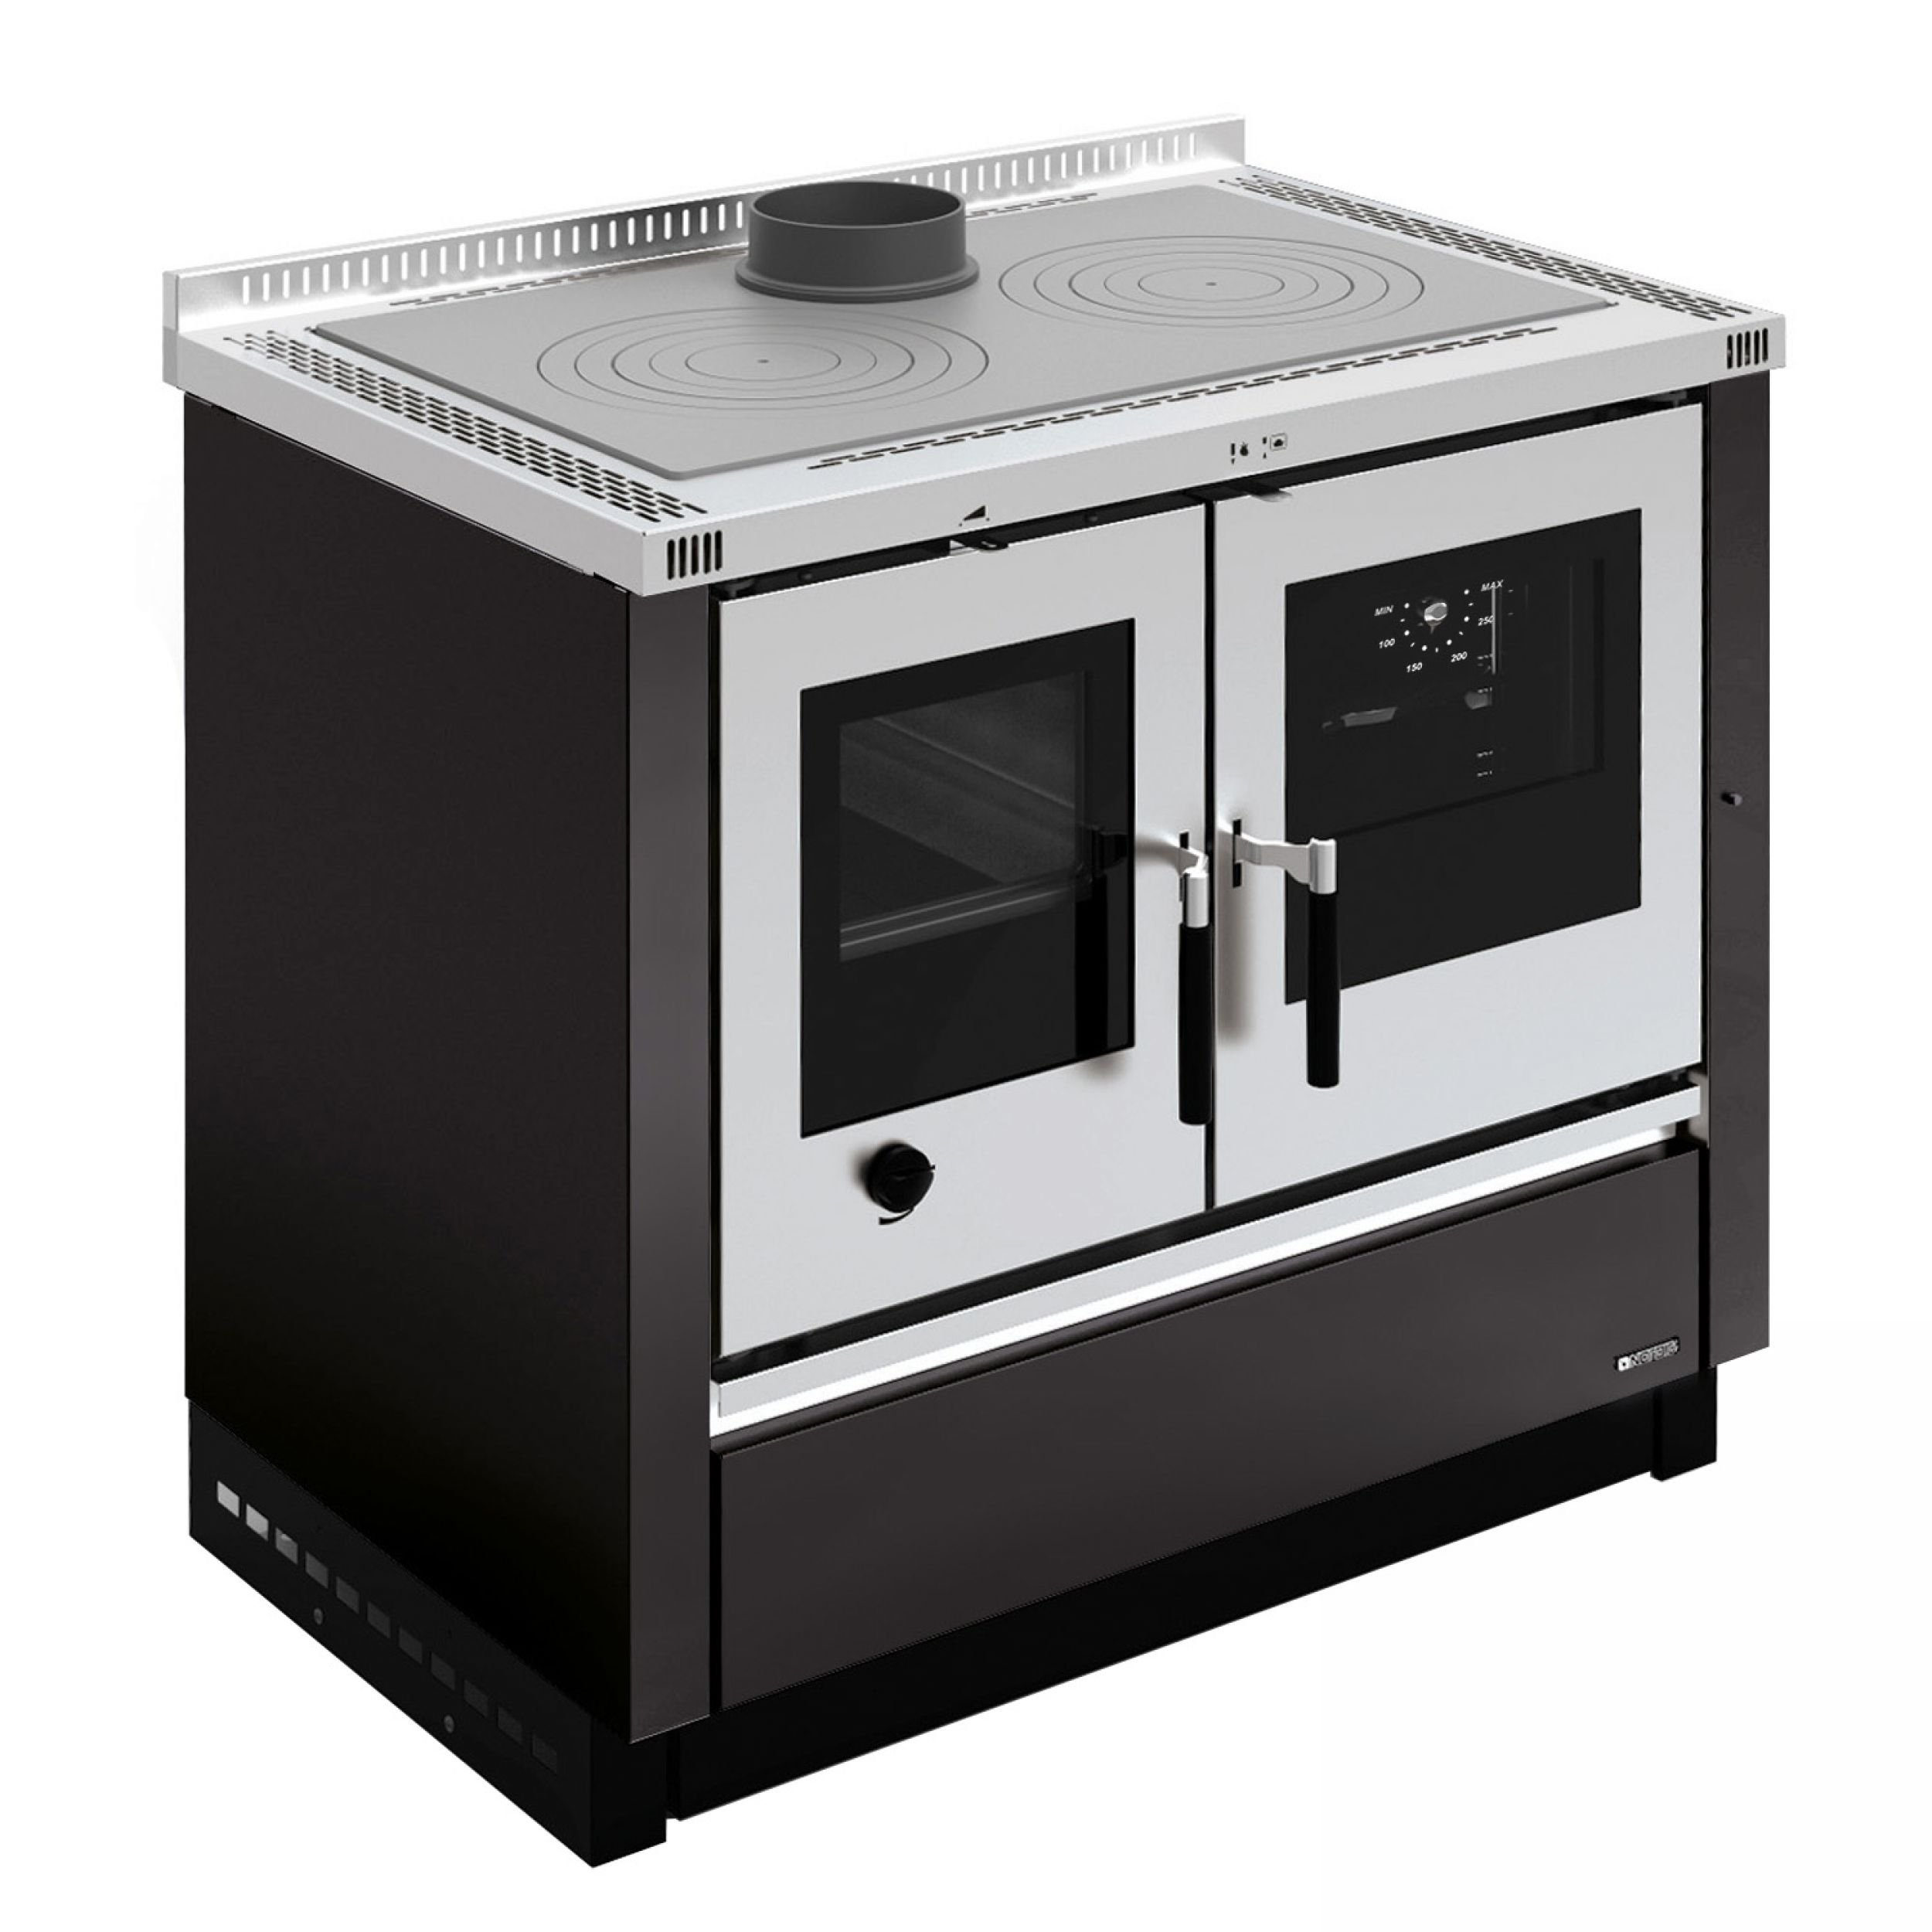 La Nordica - Cucina a Legna Padova Finitura Nero Antracite da 90cm